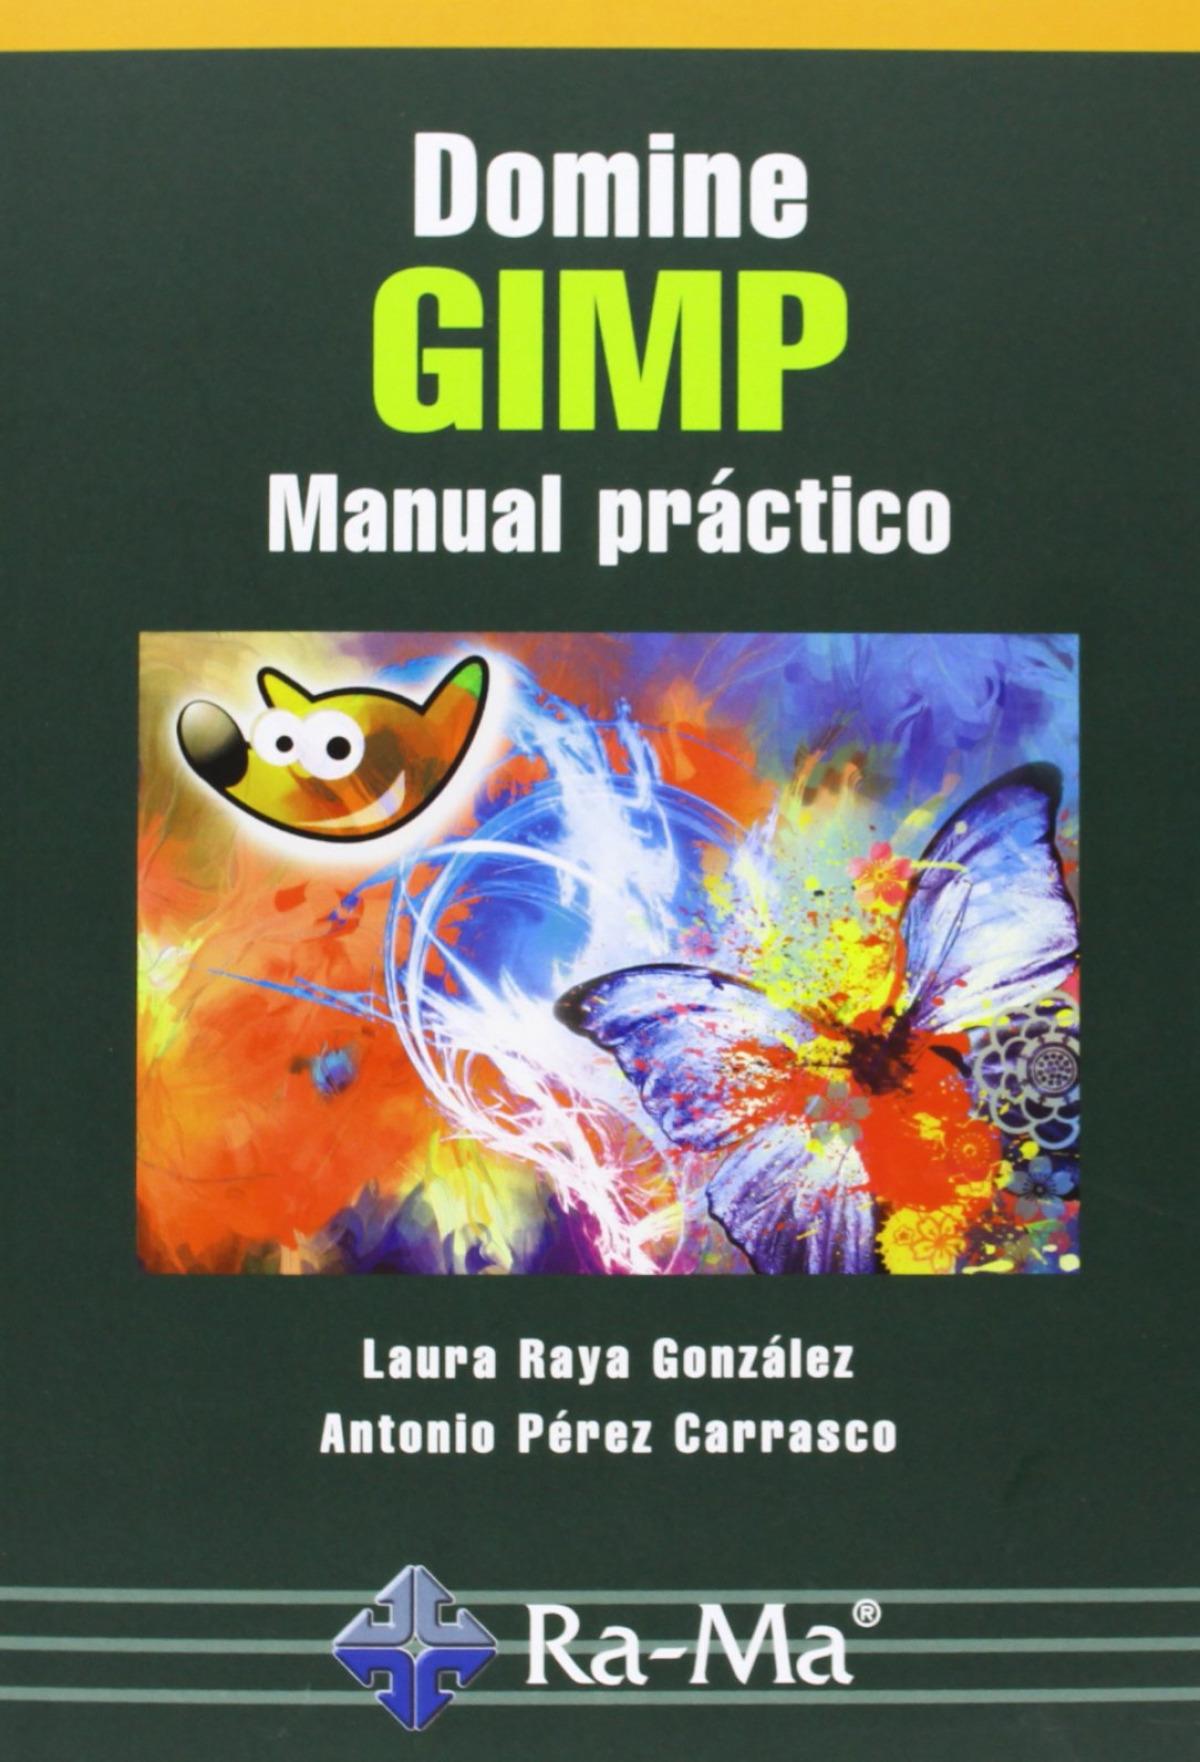 DOMINE GIMP: MANUAL PRACTICO 9788499642314